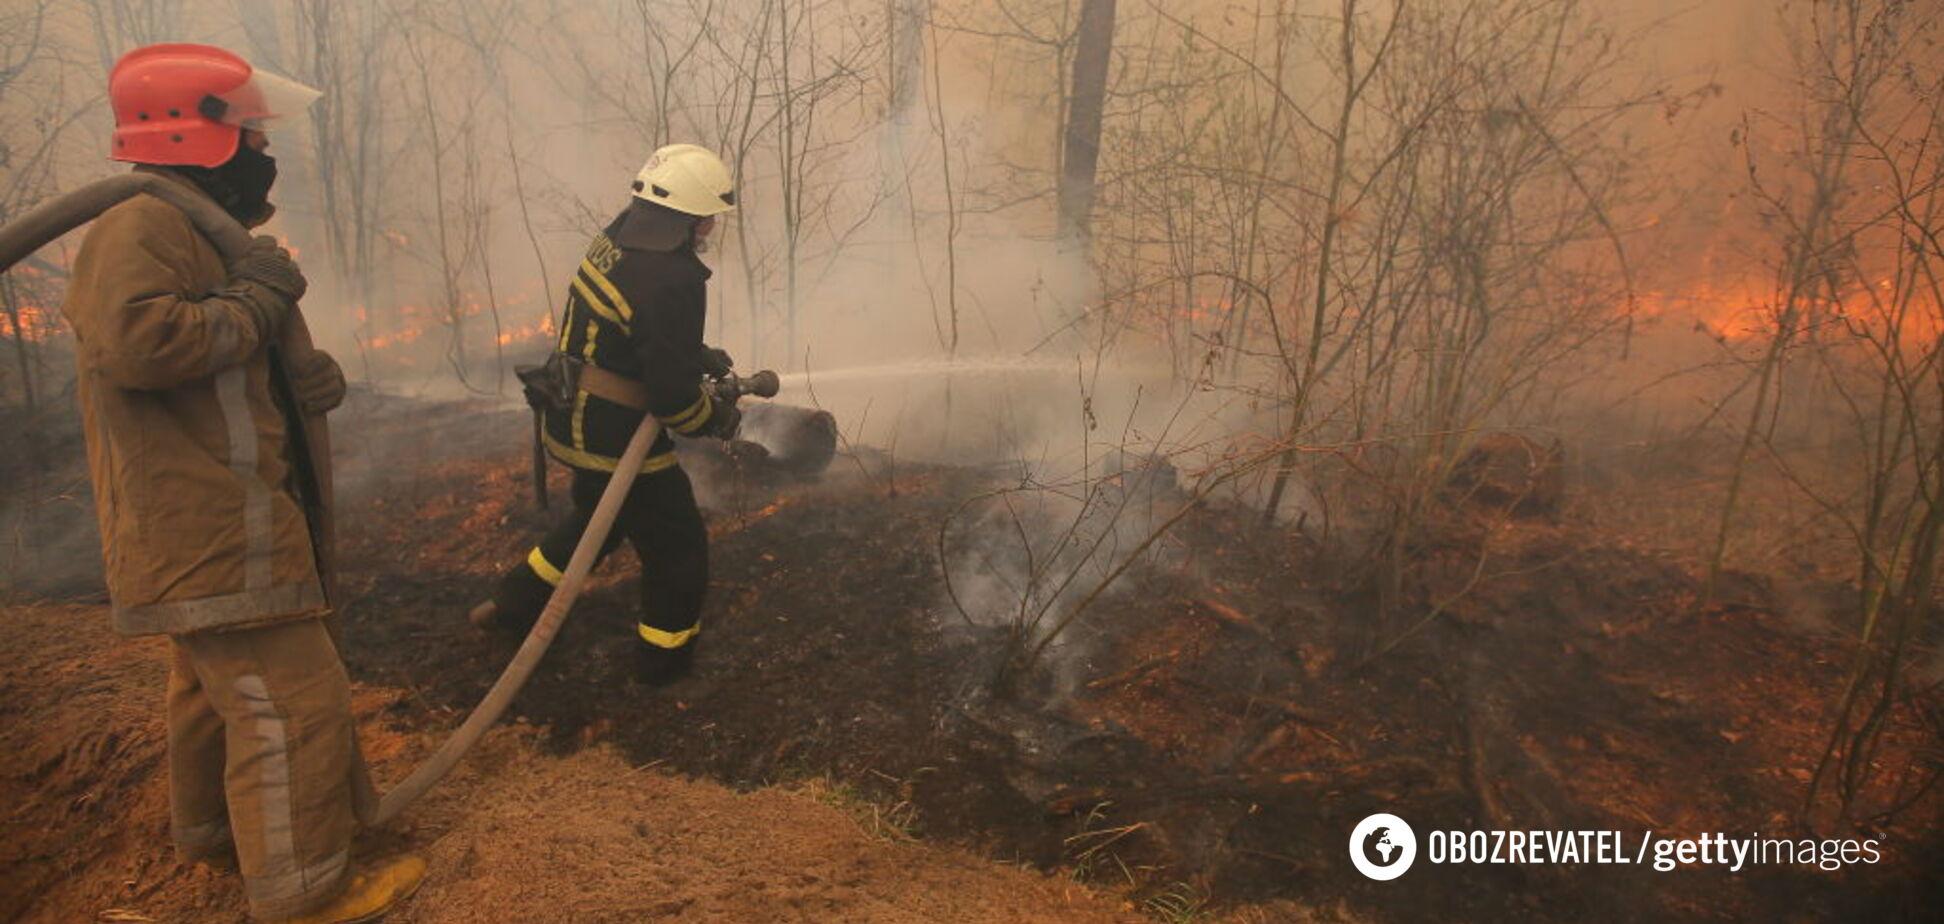 Природа допомогла: Геращенко повідомив про ліквідацію пожежі в Чорнобилі. Фото і відео